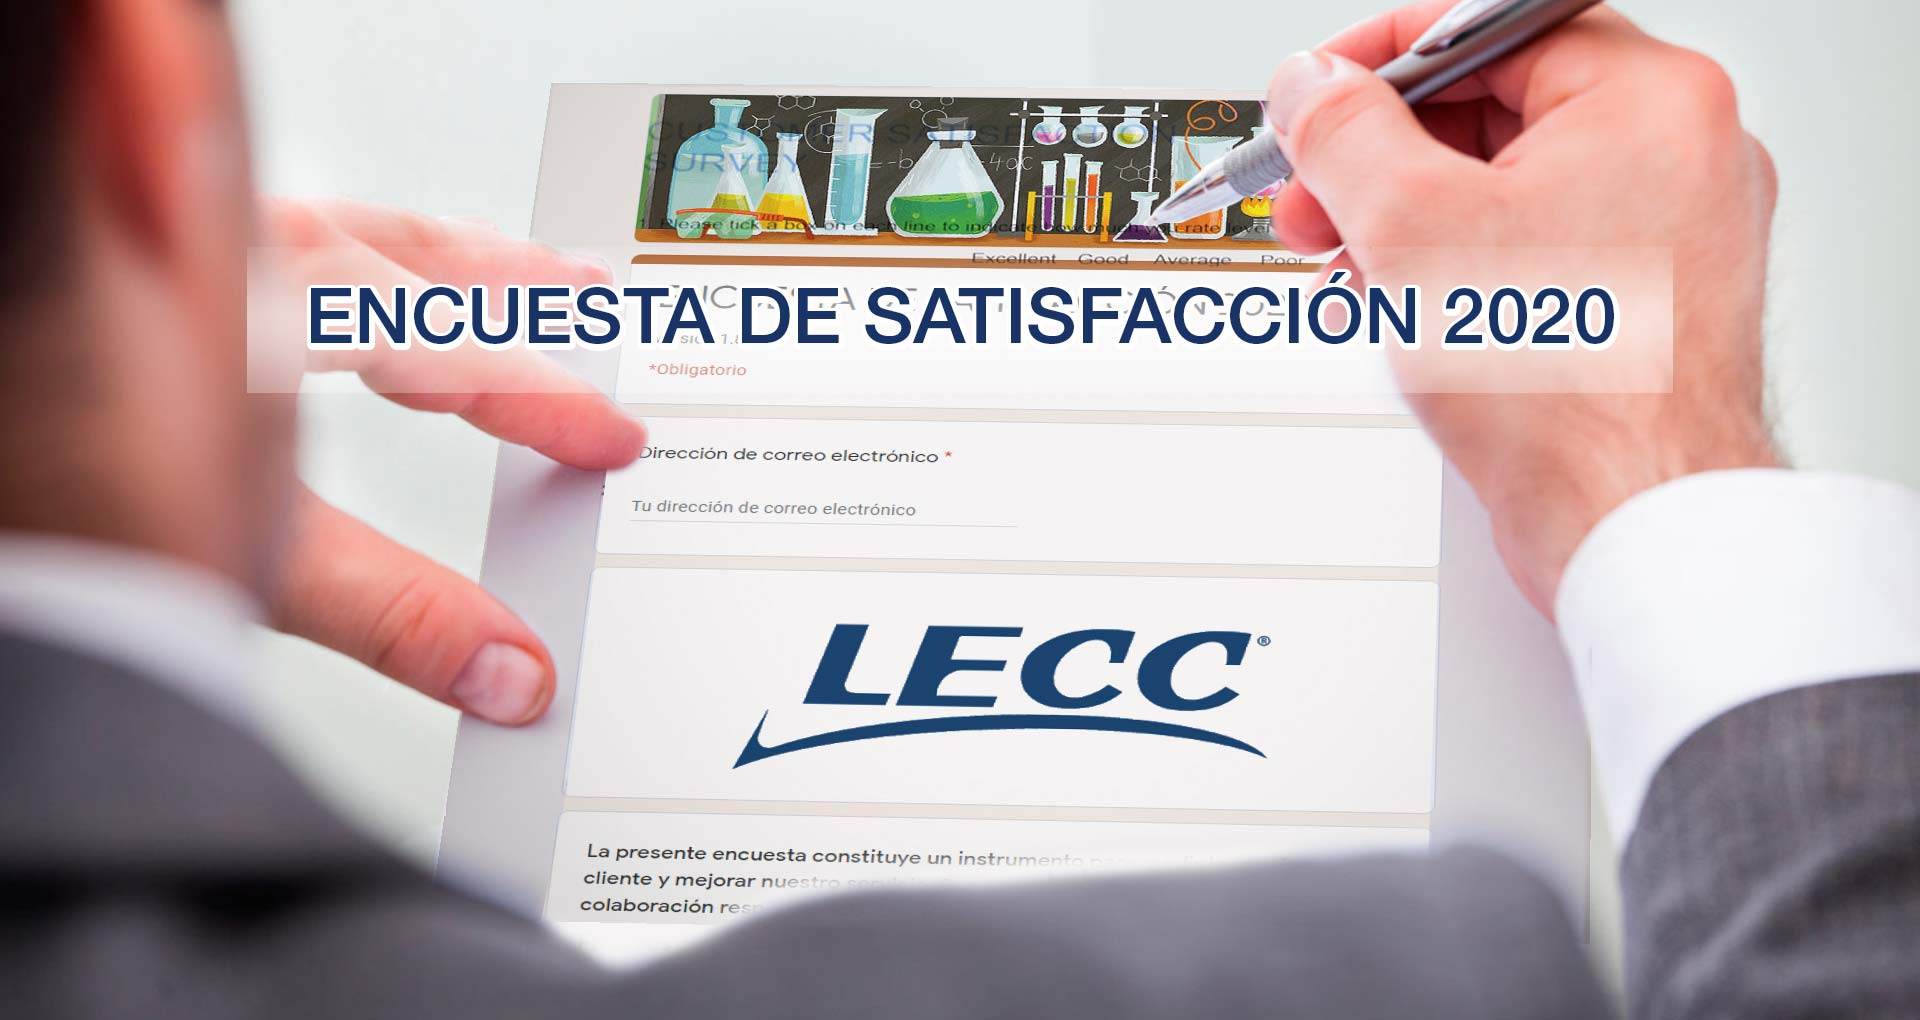 LECC ENCUESTA 2020